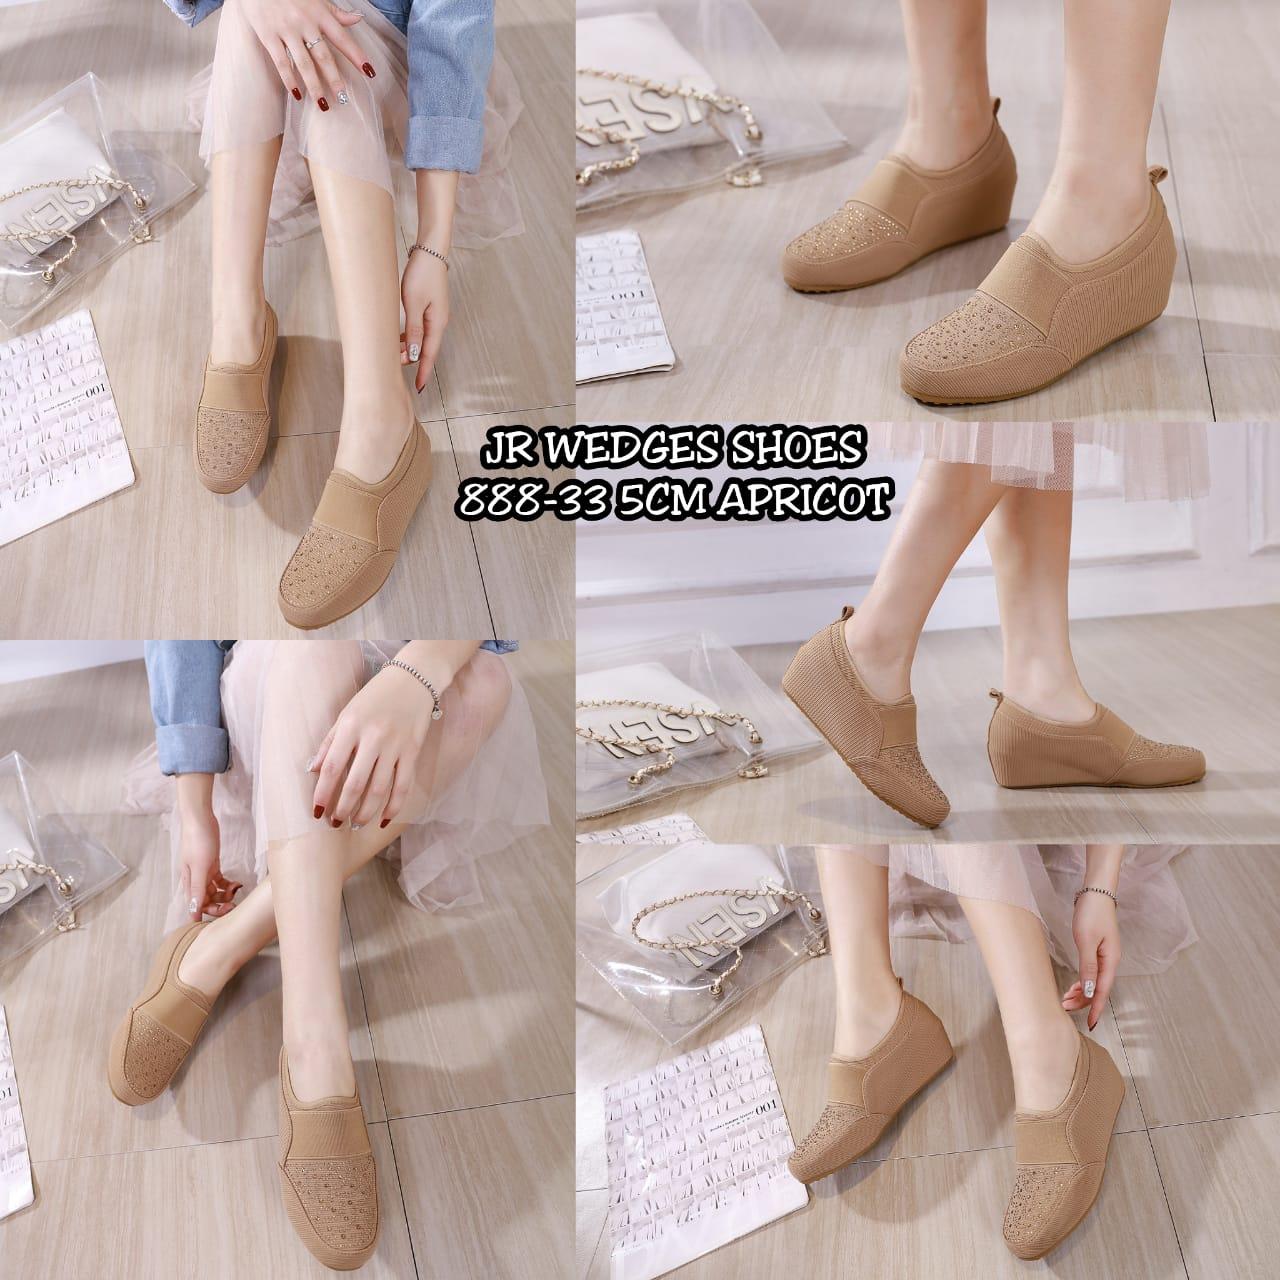 sepatu wedges terbaru di indonesia  888-33B5